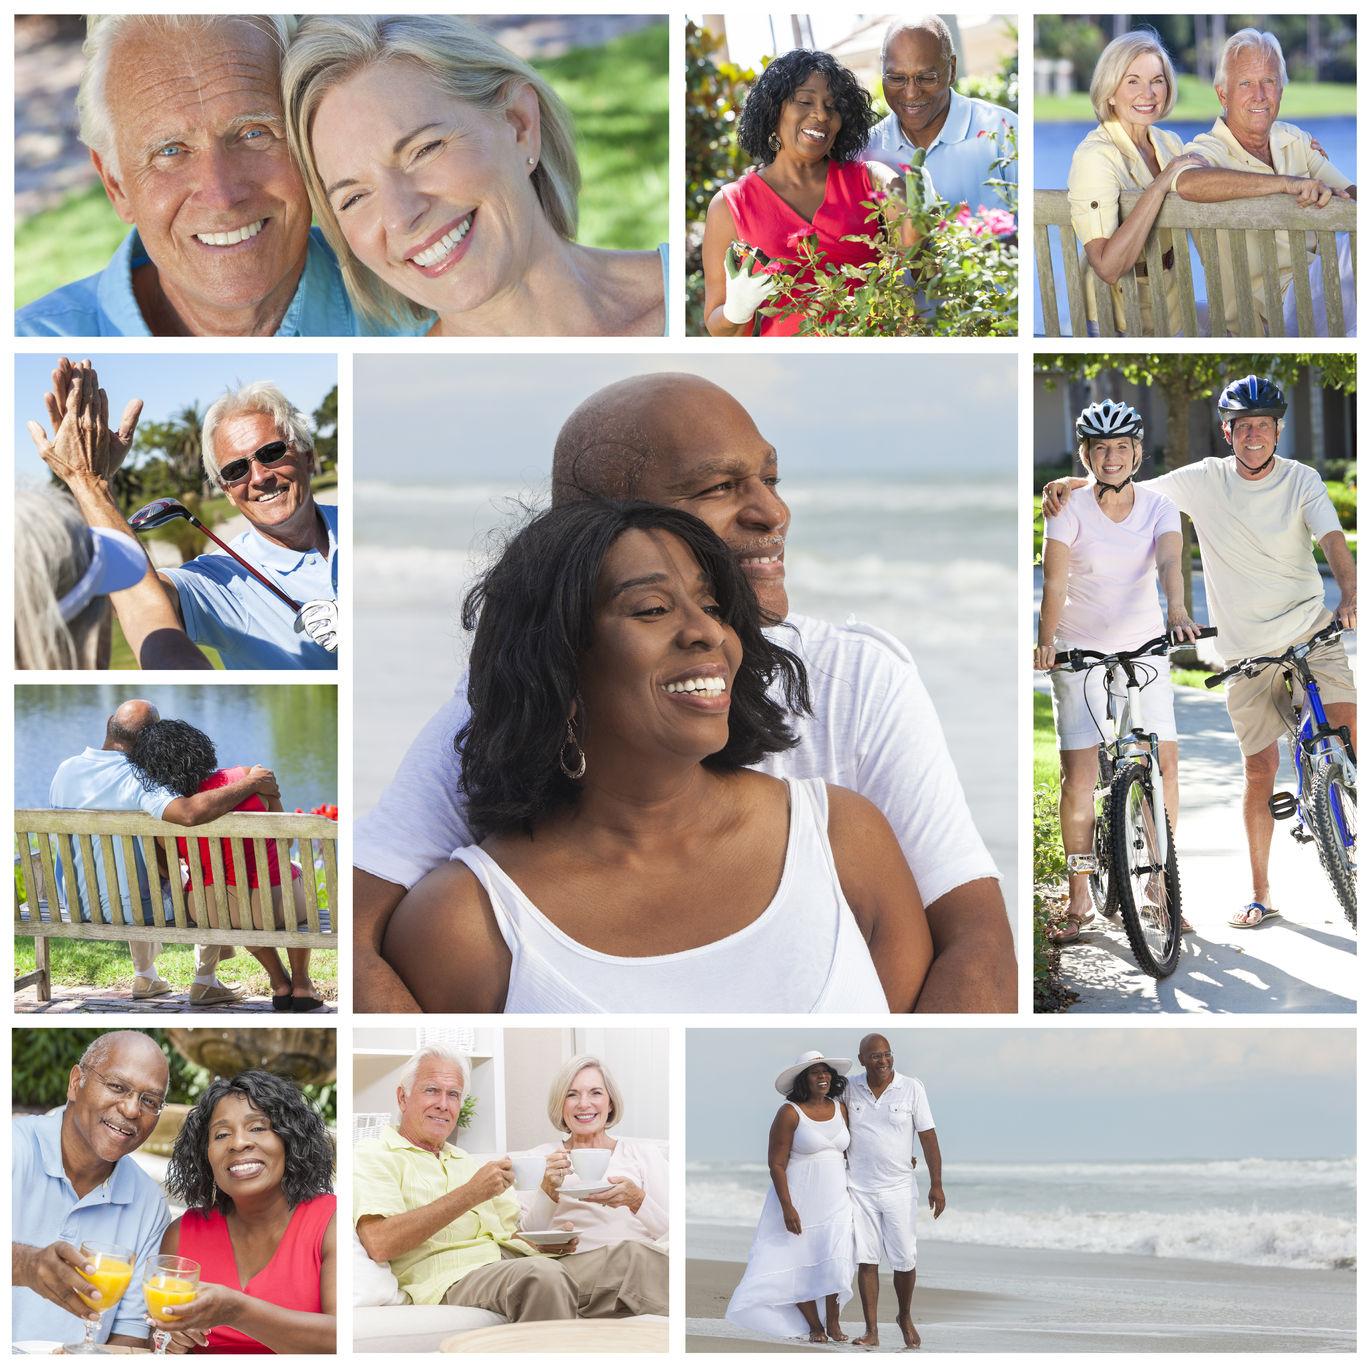 Active Senior couples. The Elderly. https://www.info-on-high-blood-pressure.com/The-Elderly.html